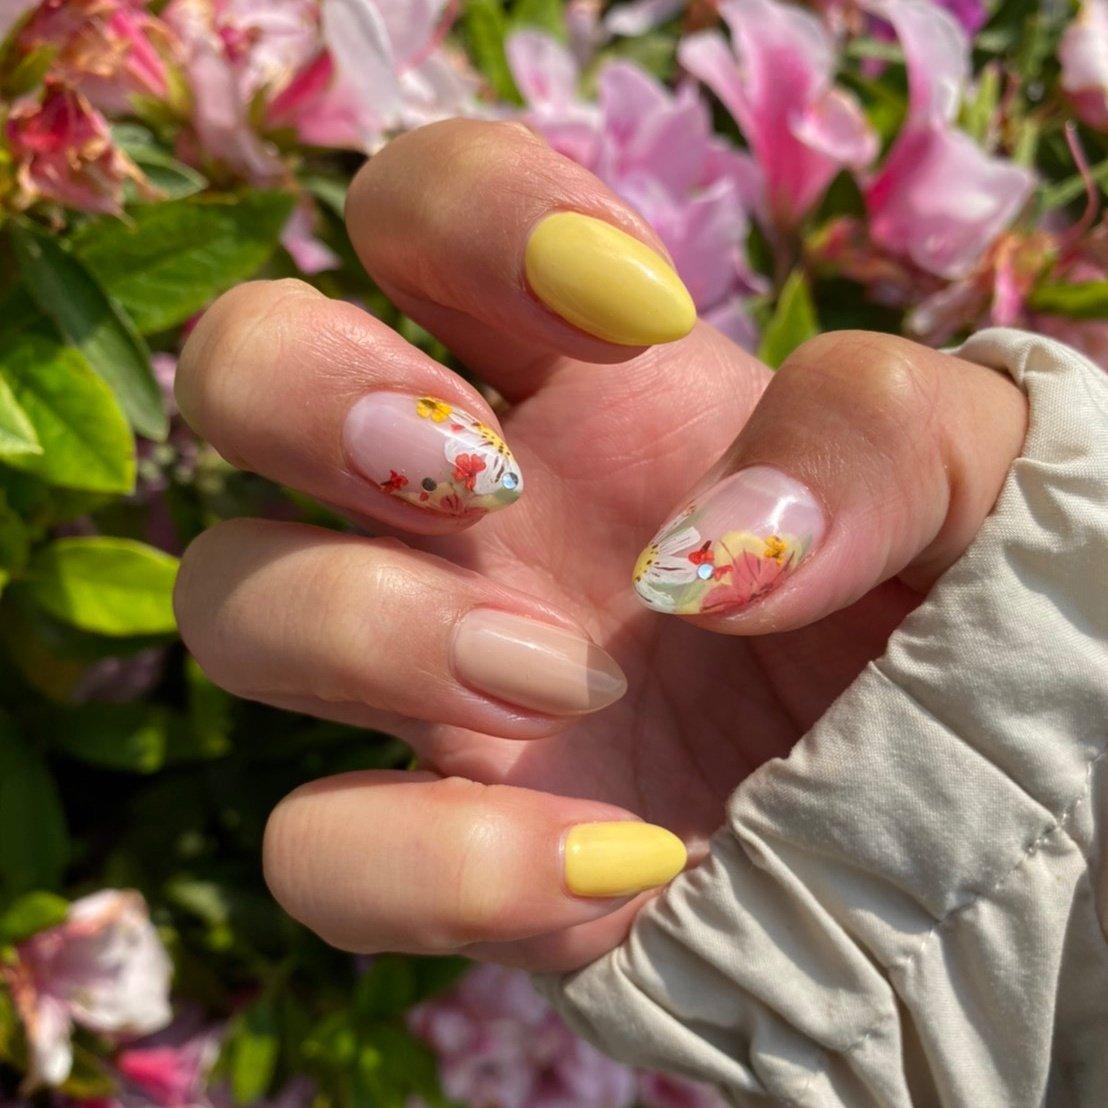 #お花ネイル #花びらネイル #花柄ネイル #花柄フレンチ #フレンチ #黄色 #春 #春ネイル #斉藤沙也香 #ネイルブック